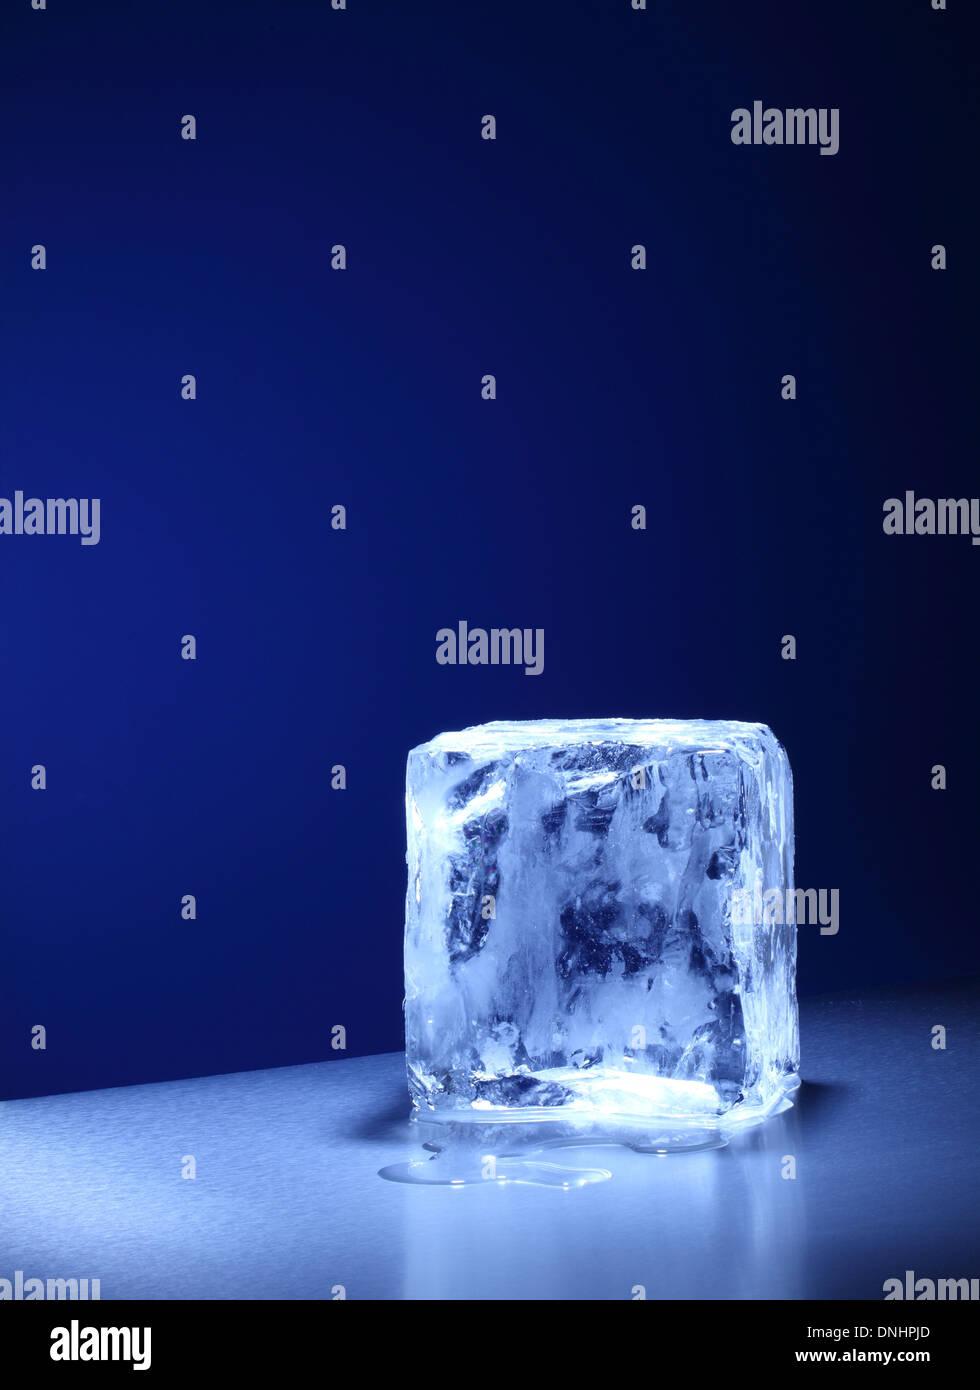 Una gran plaza cube / Bloque de hielo derritiendo lentamente. Imagen De Stock